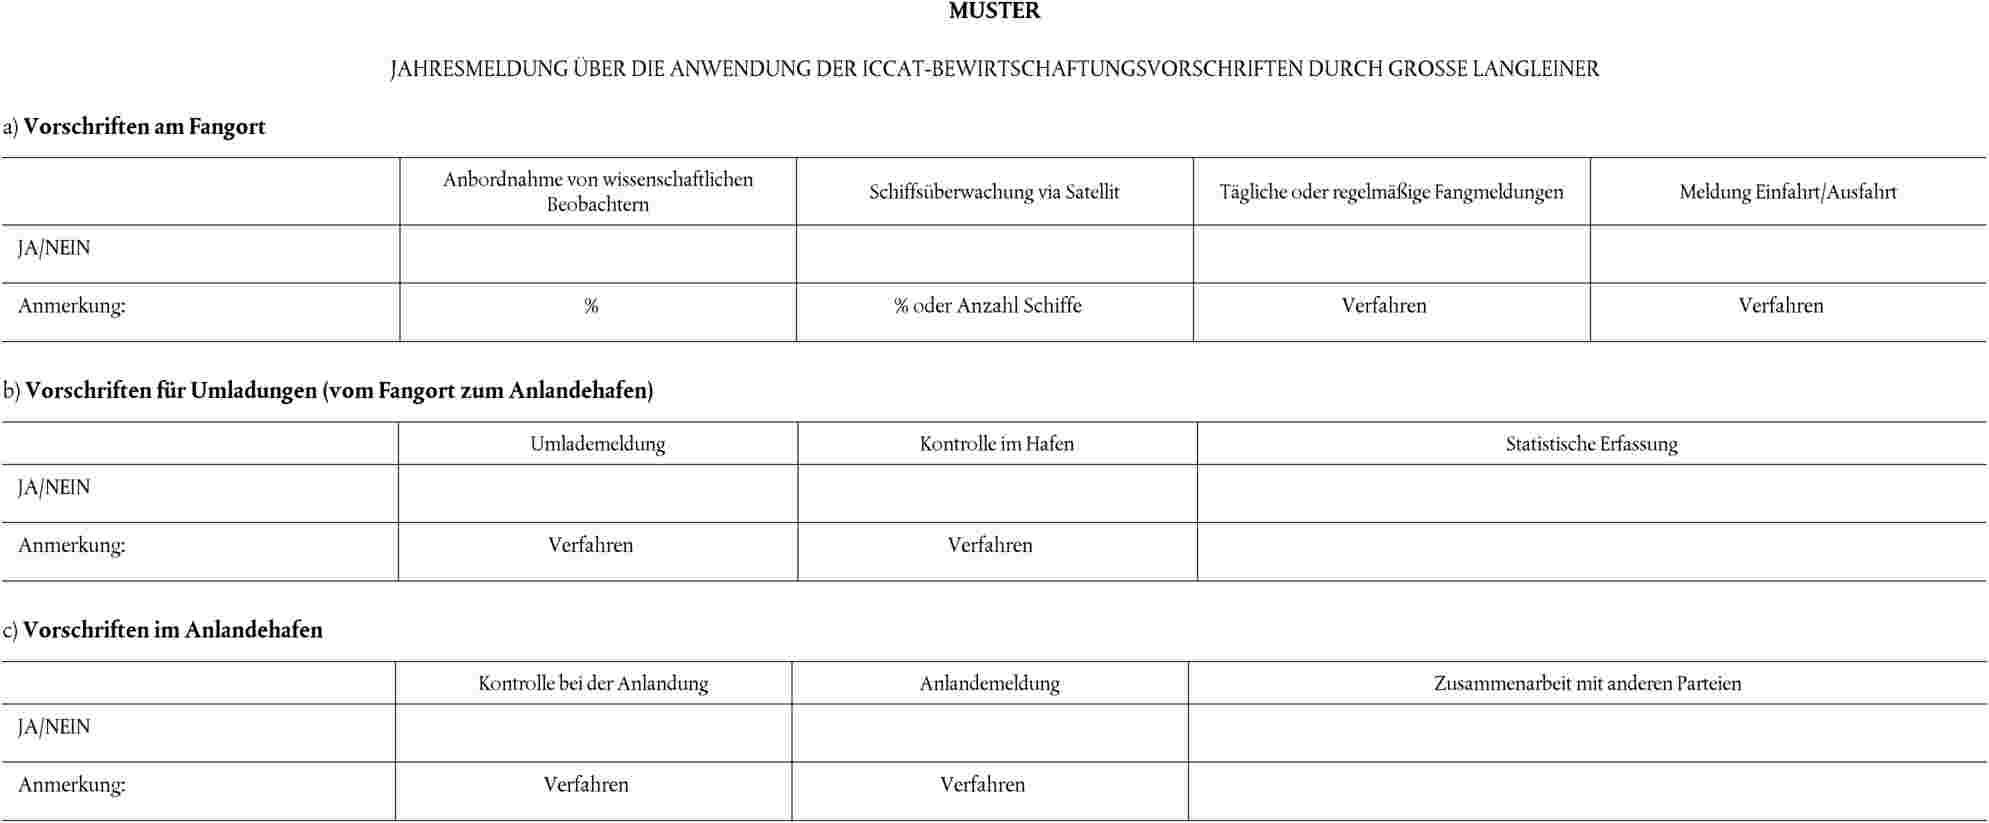 Ausgezeichnet Gewicht Beobachter Journal Vorlage Ideen - Ideen ...